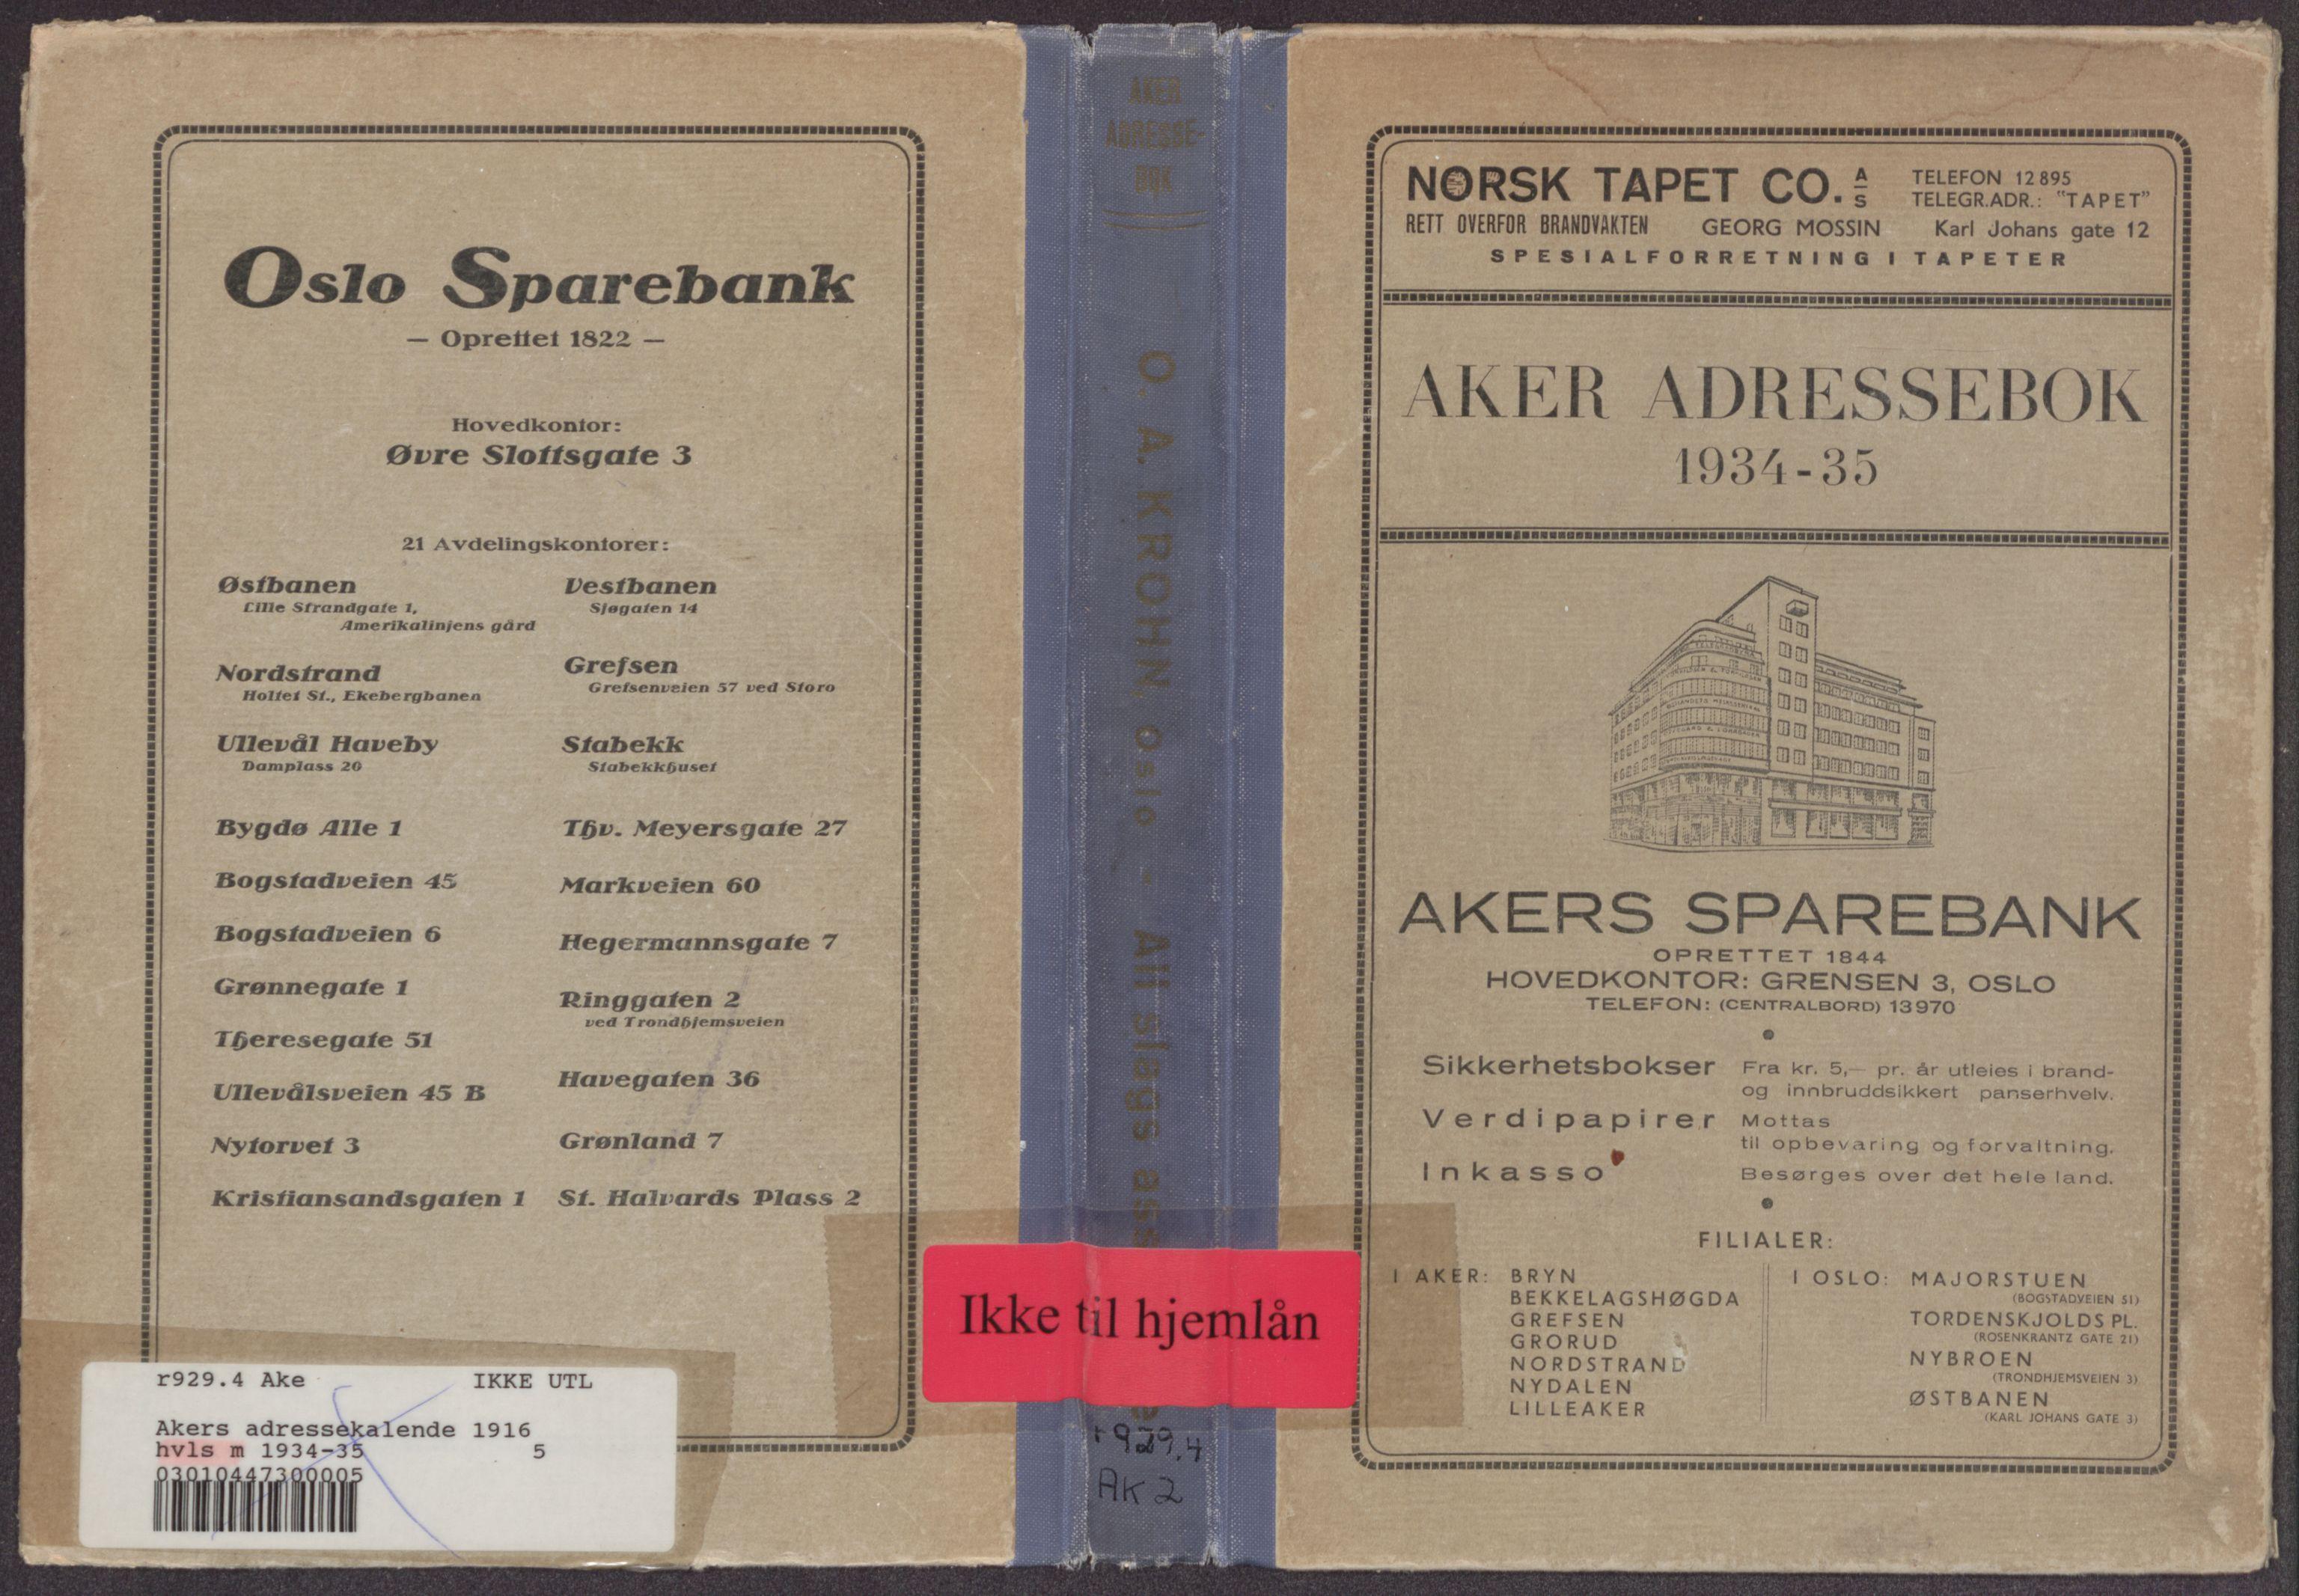 PUBL, Aker adressebok/adressekalender, 1934-1935